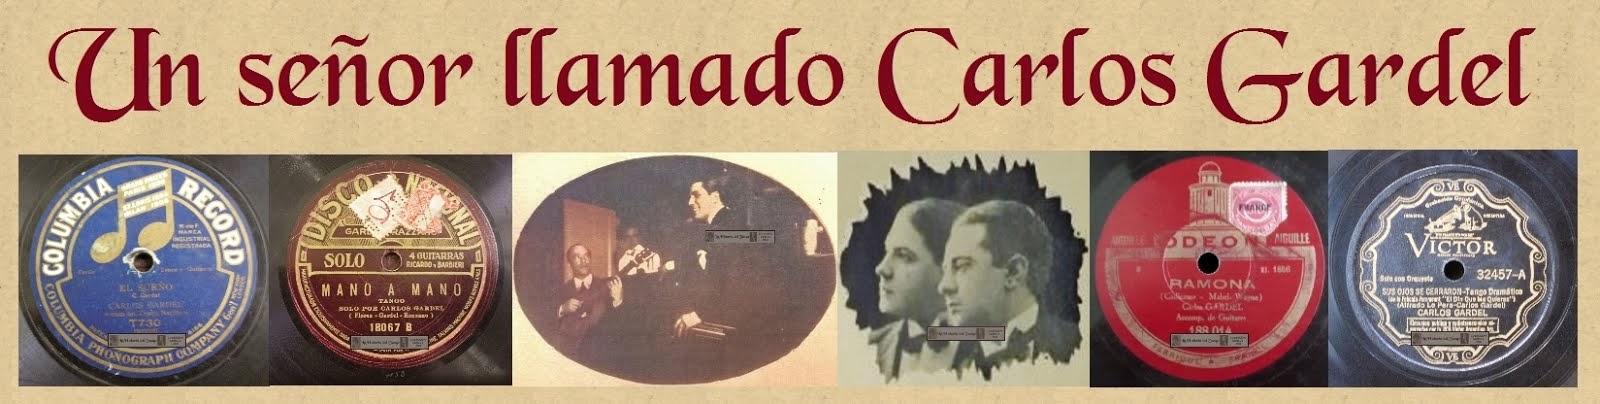 Un señor llamado Carlos Gardel